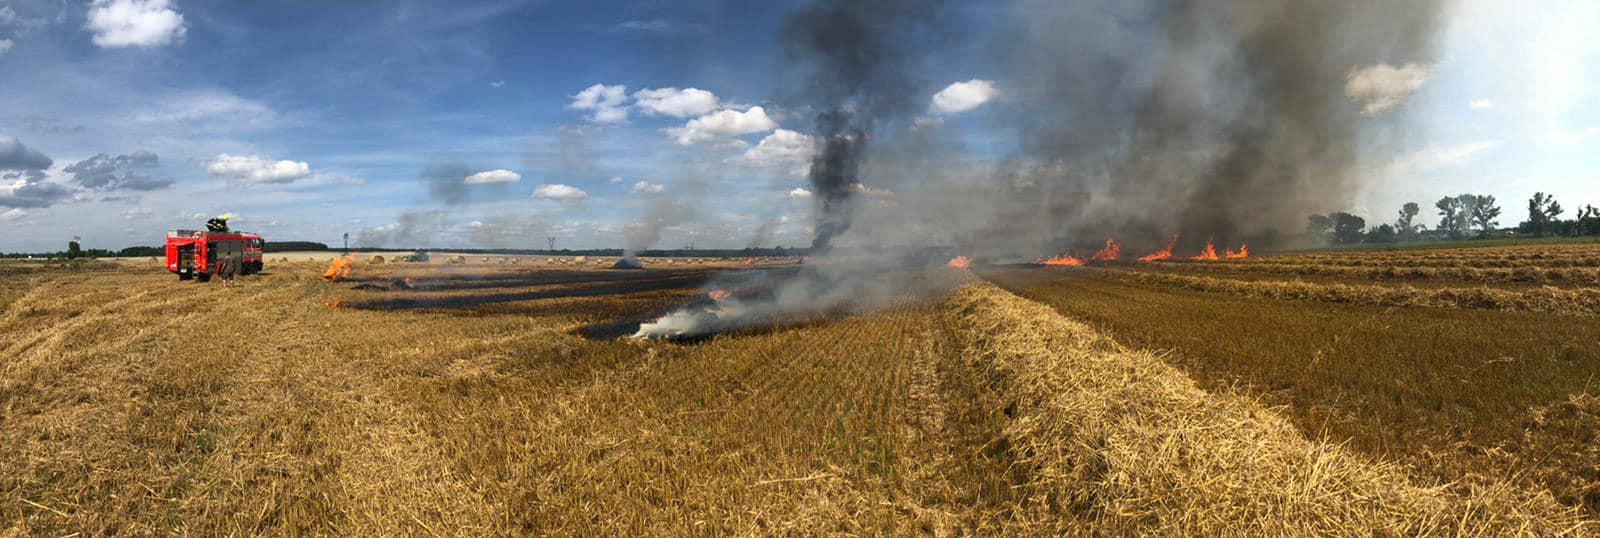 5_JČK_Požár lisu na slámu a přilehlého pole.jpg